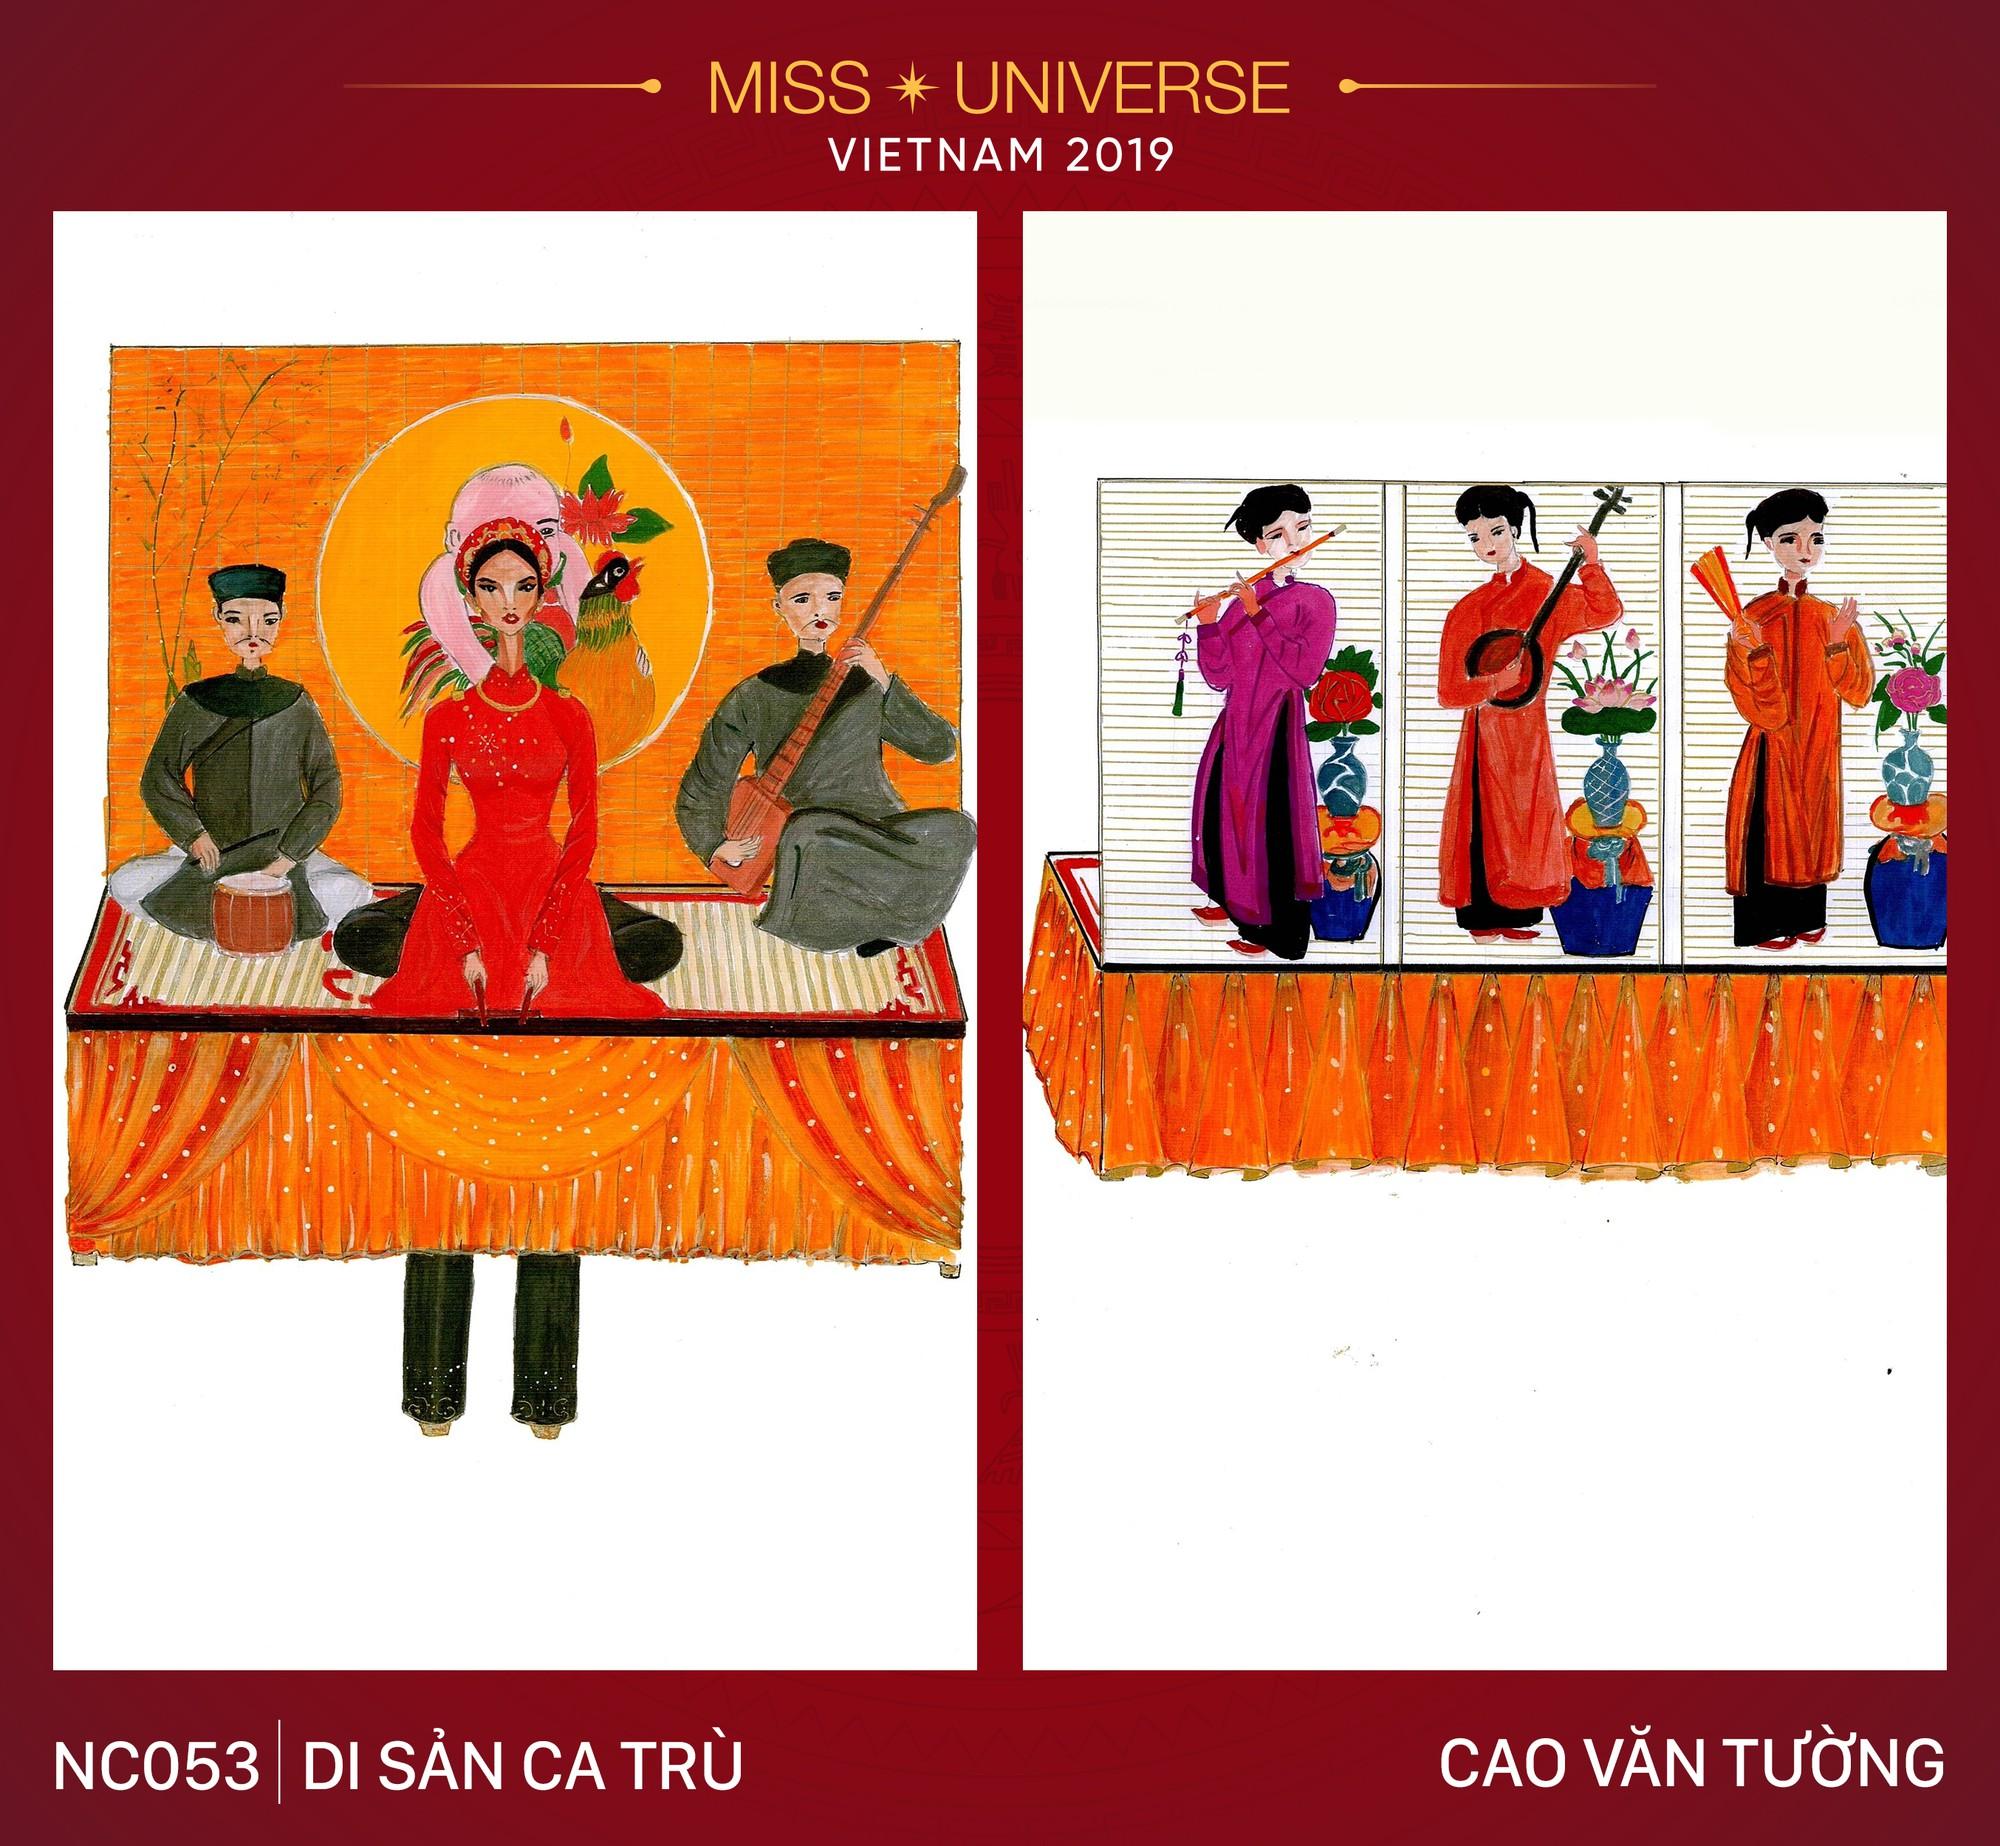 8 mẫu thiết kế dân tộc đang được Á hậu Hoàng Thùy chấm để mang tới Miss Universe 2019  - Ảnh 3.